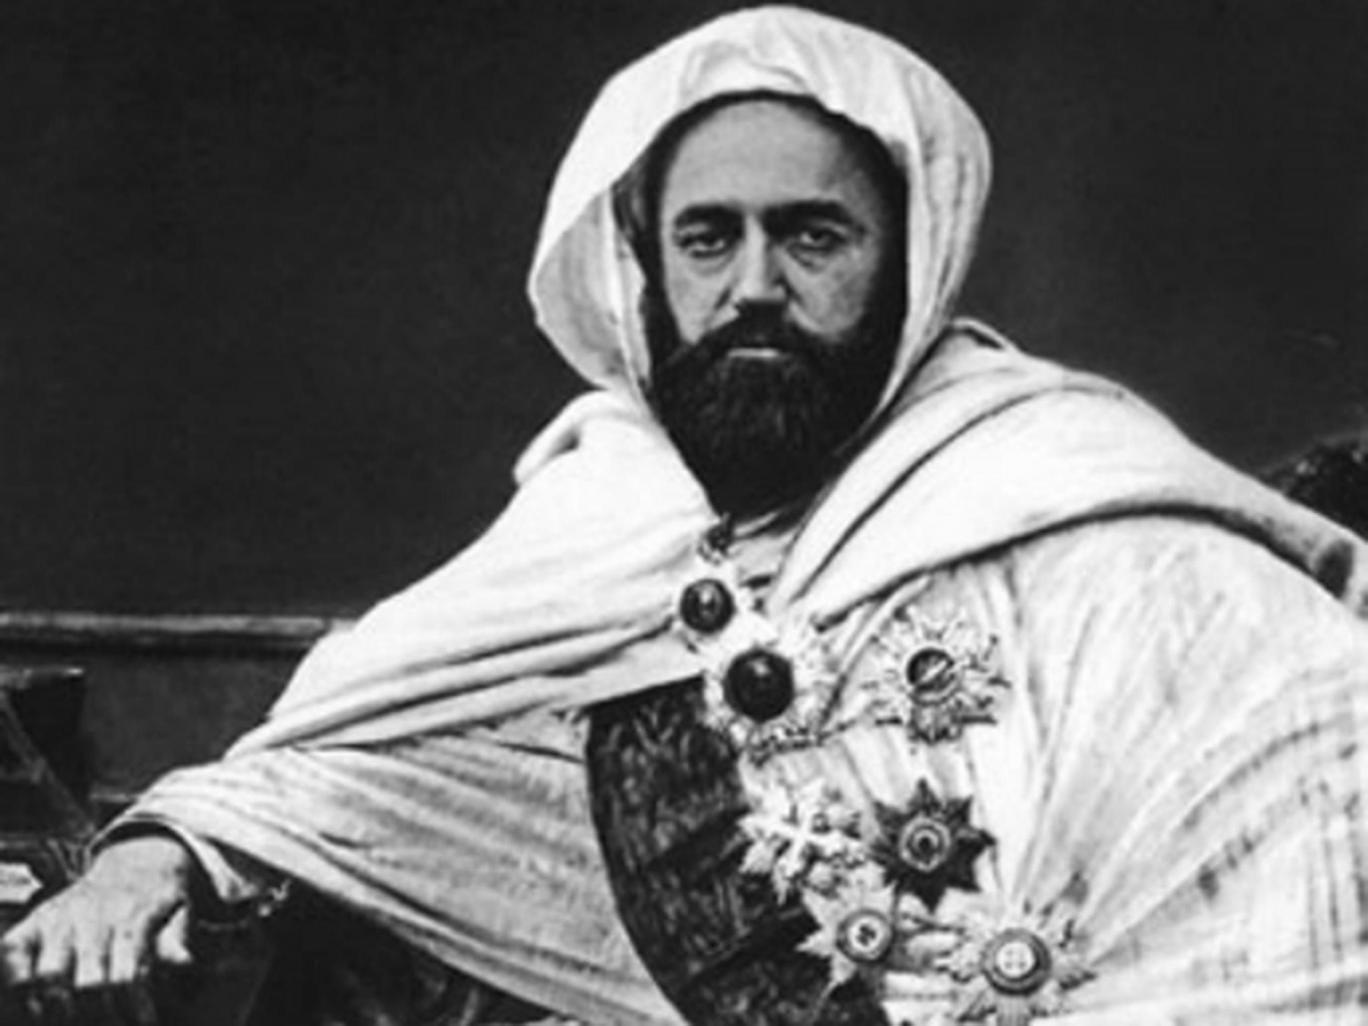 Pour le journaliste britannique Robert Fisk, «l'émir Abdelkader représente l'islam, pas Daech»